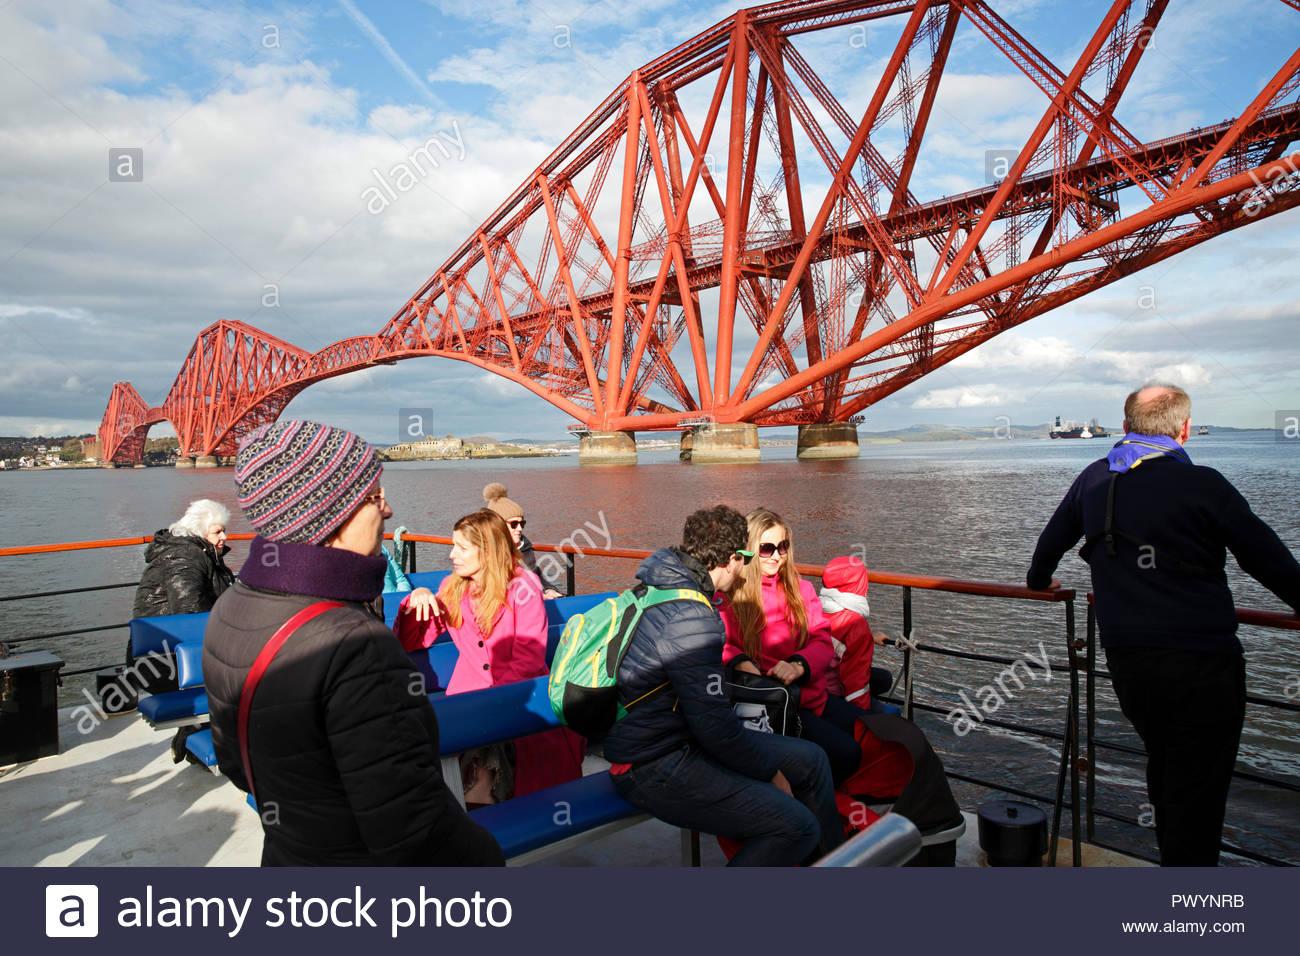 Los turistas a bordo de un barco turístico del puente Forth, Firth of Forth y las islas, South Queensferry, Escocia Imagen De Stock